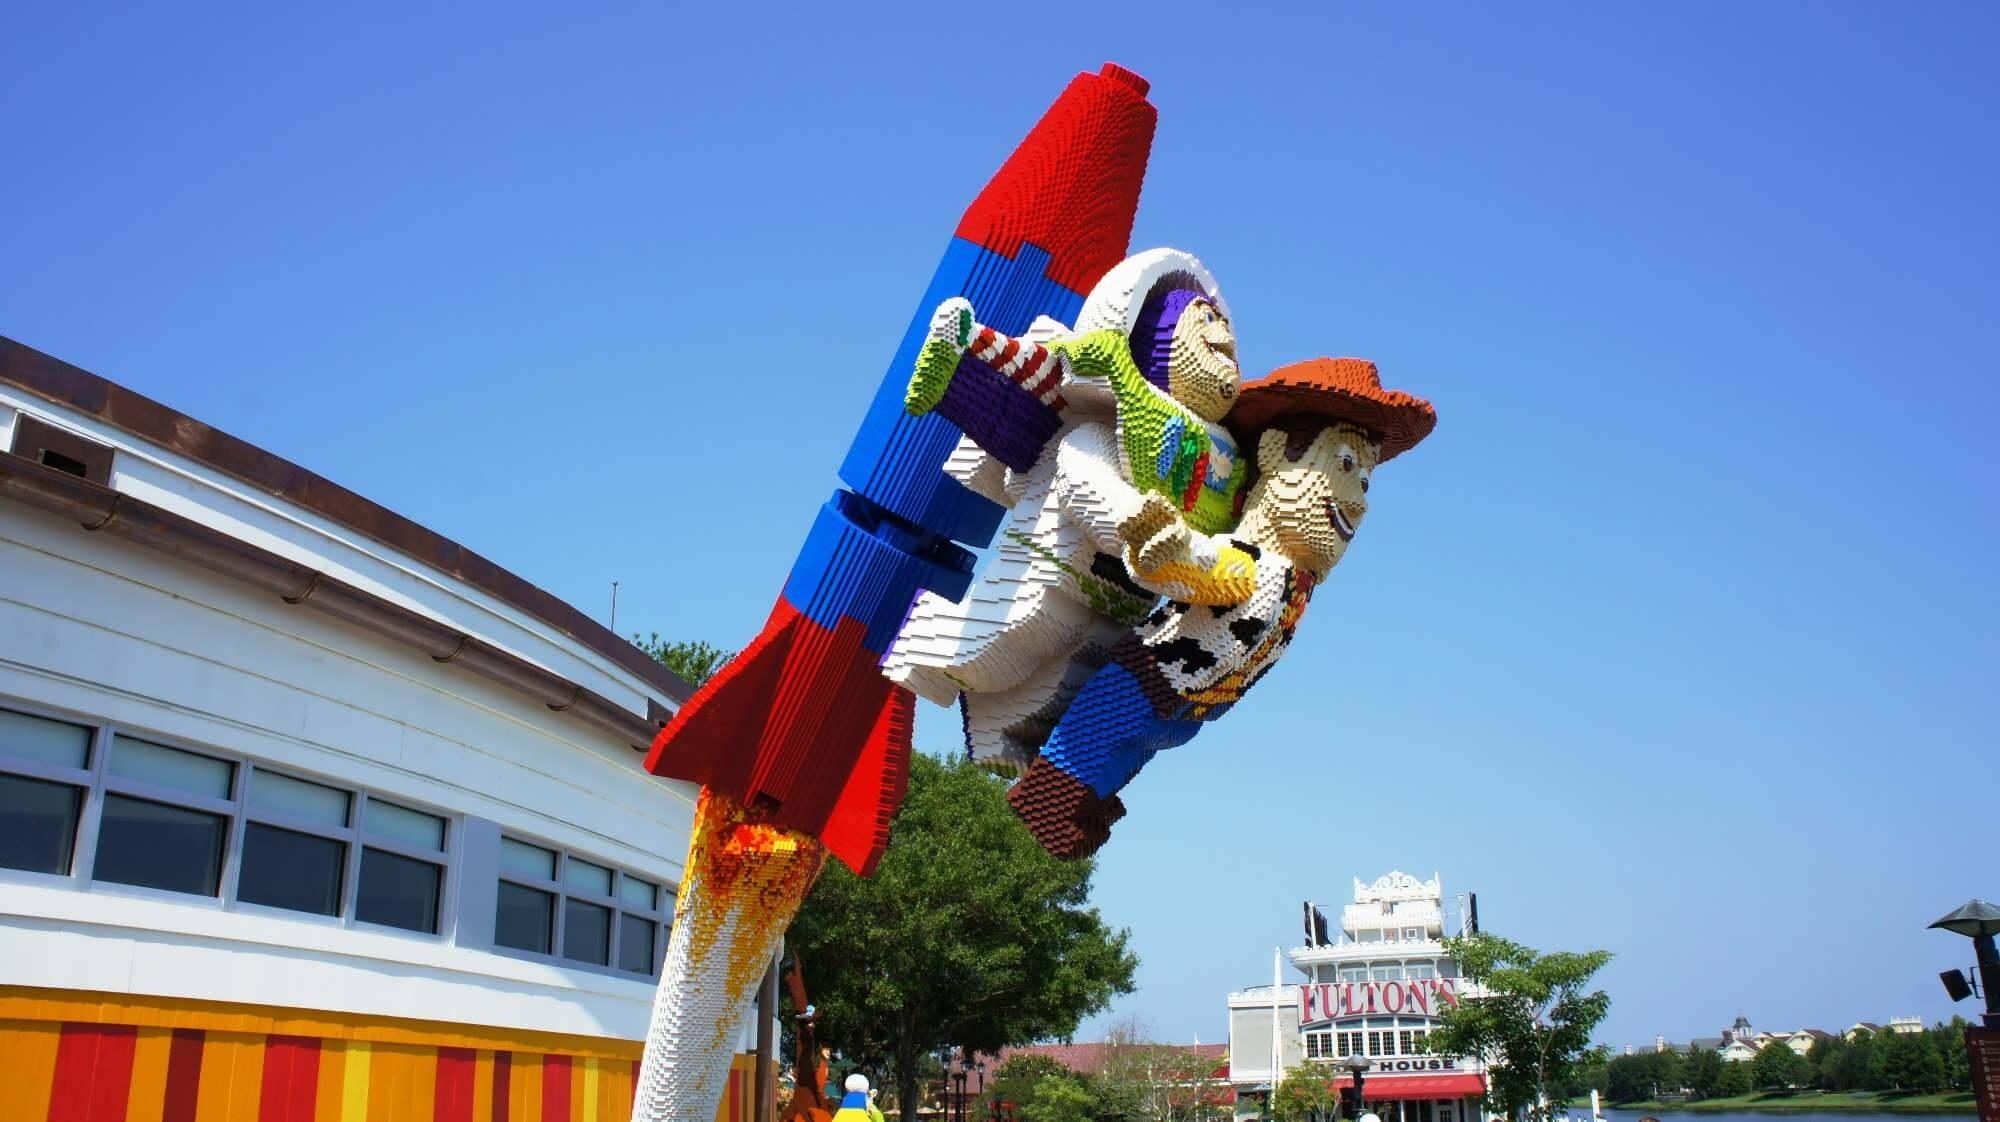 Compras na Lego Imagination Centerno Walt Disney World Orlando